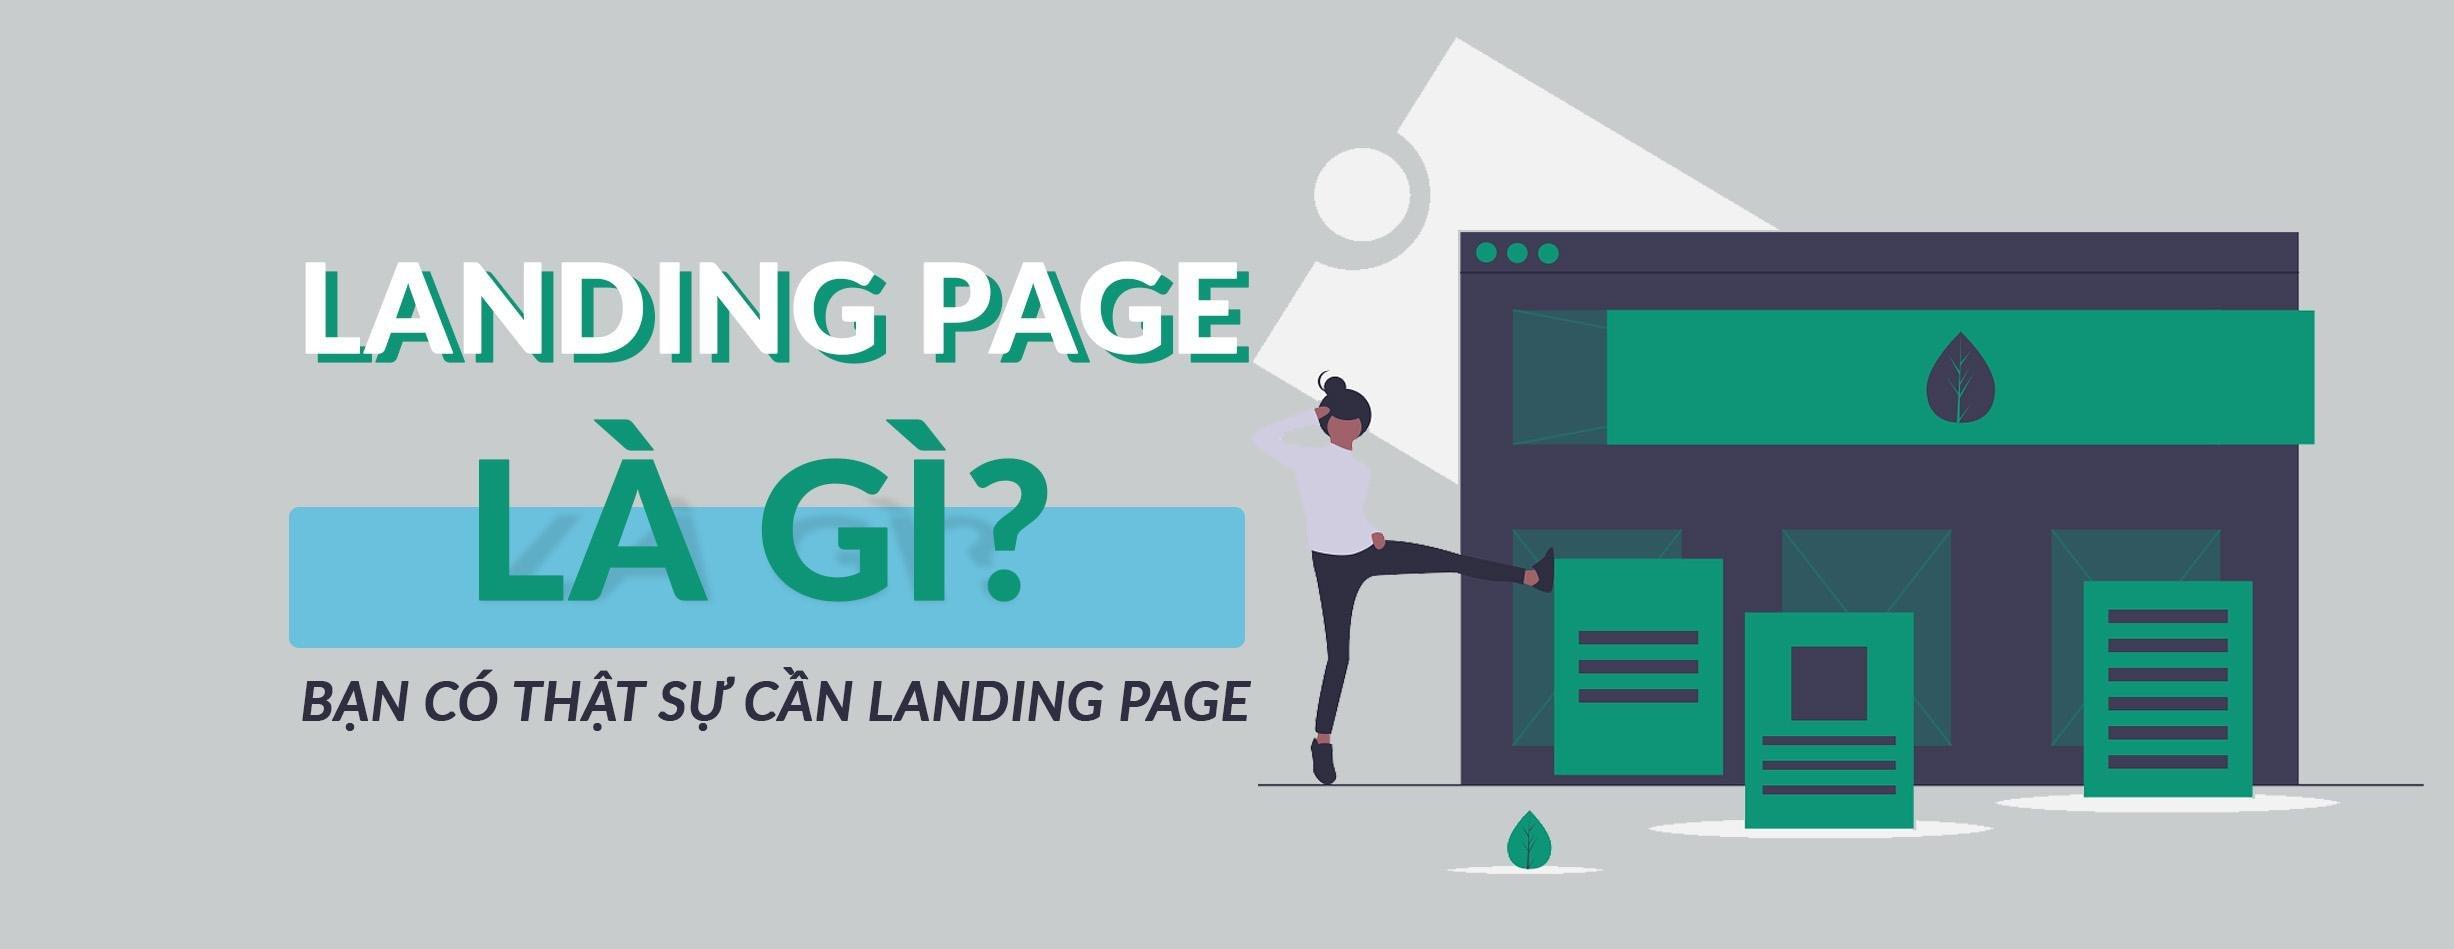 Landing Page Là Gì? Bạn Có Thật Sự Cần Landing Page